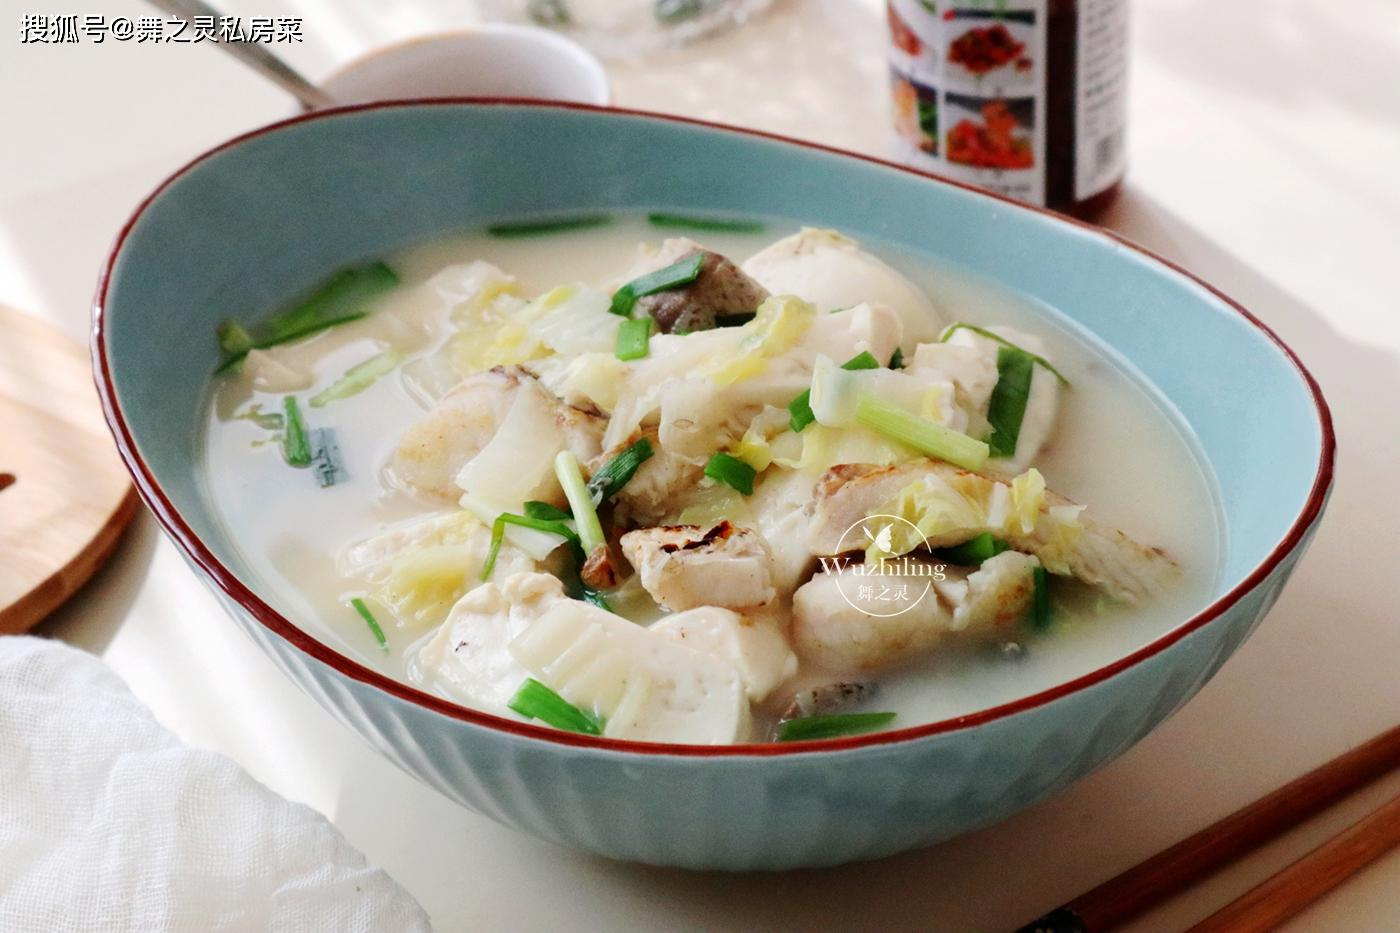 【煮鱼汤直接下锅那是大错特错,多加一步,汤色奶白又不腥,营养又美味